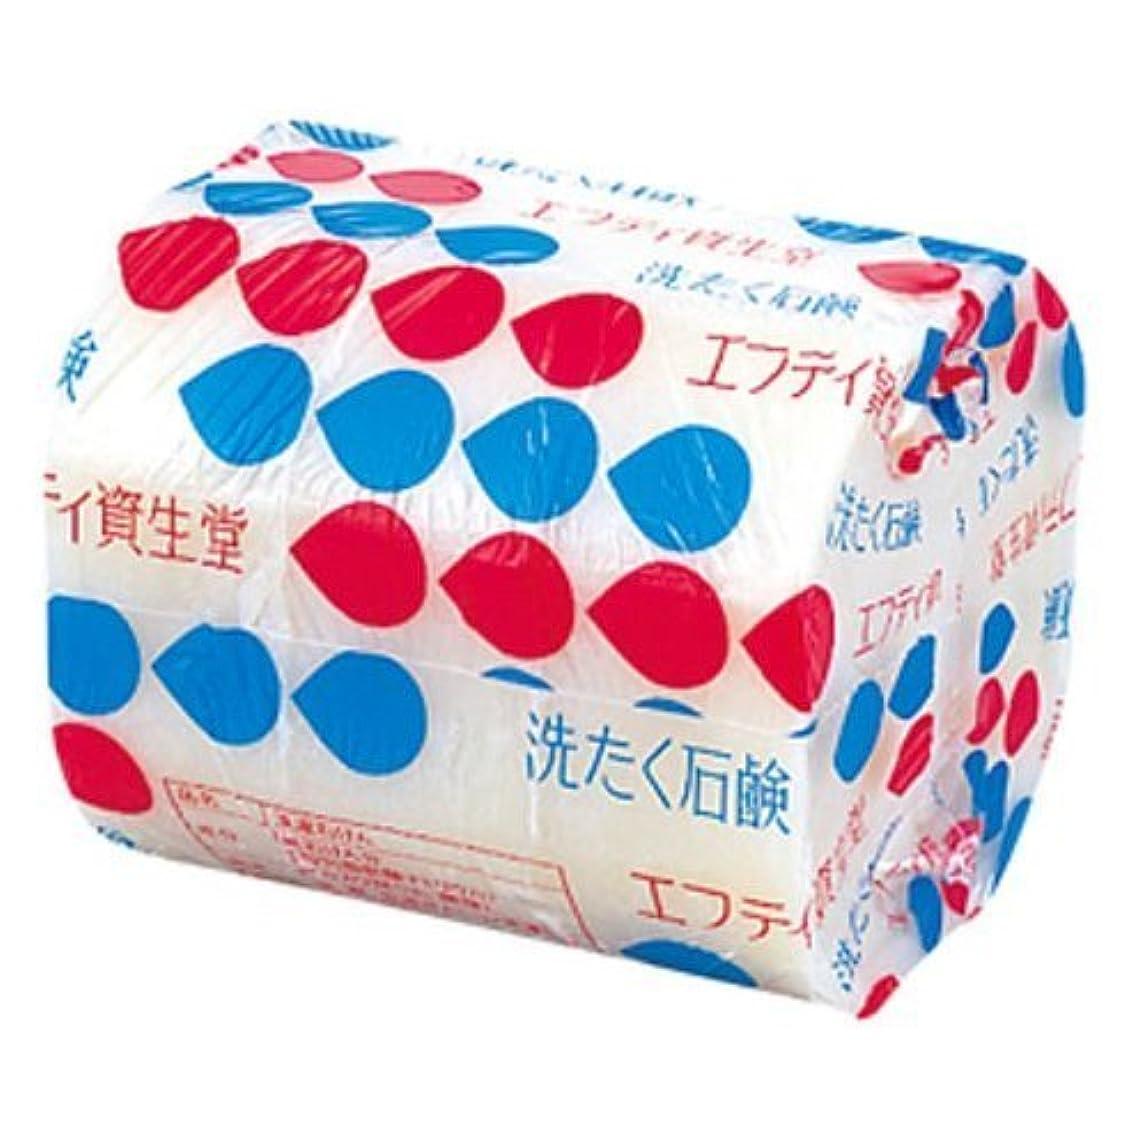 ヒョウのために盲信【資生堂】エフティ資生堂洗たく石鹸花椿型3コパック200g